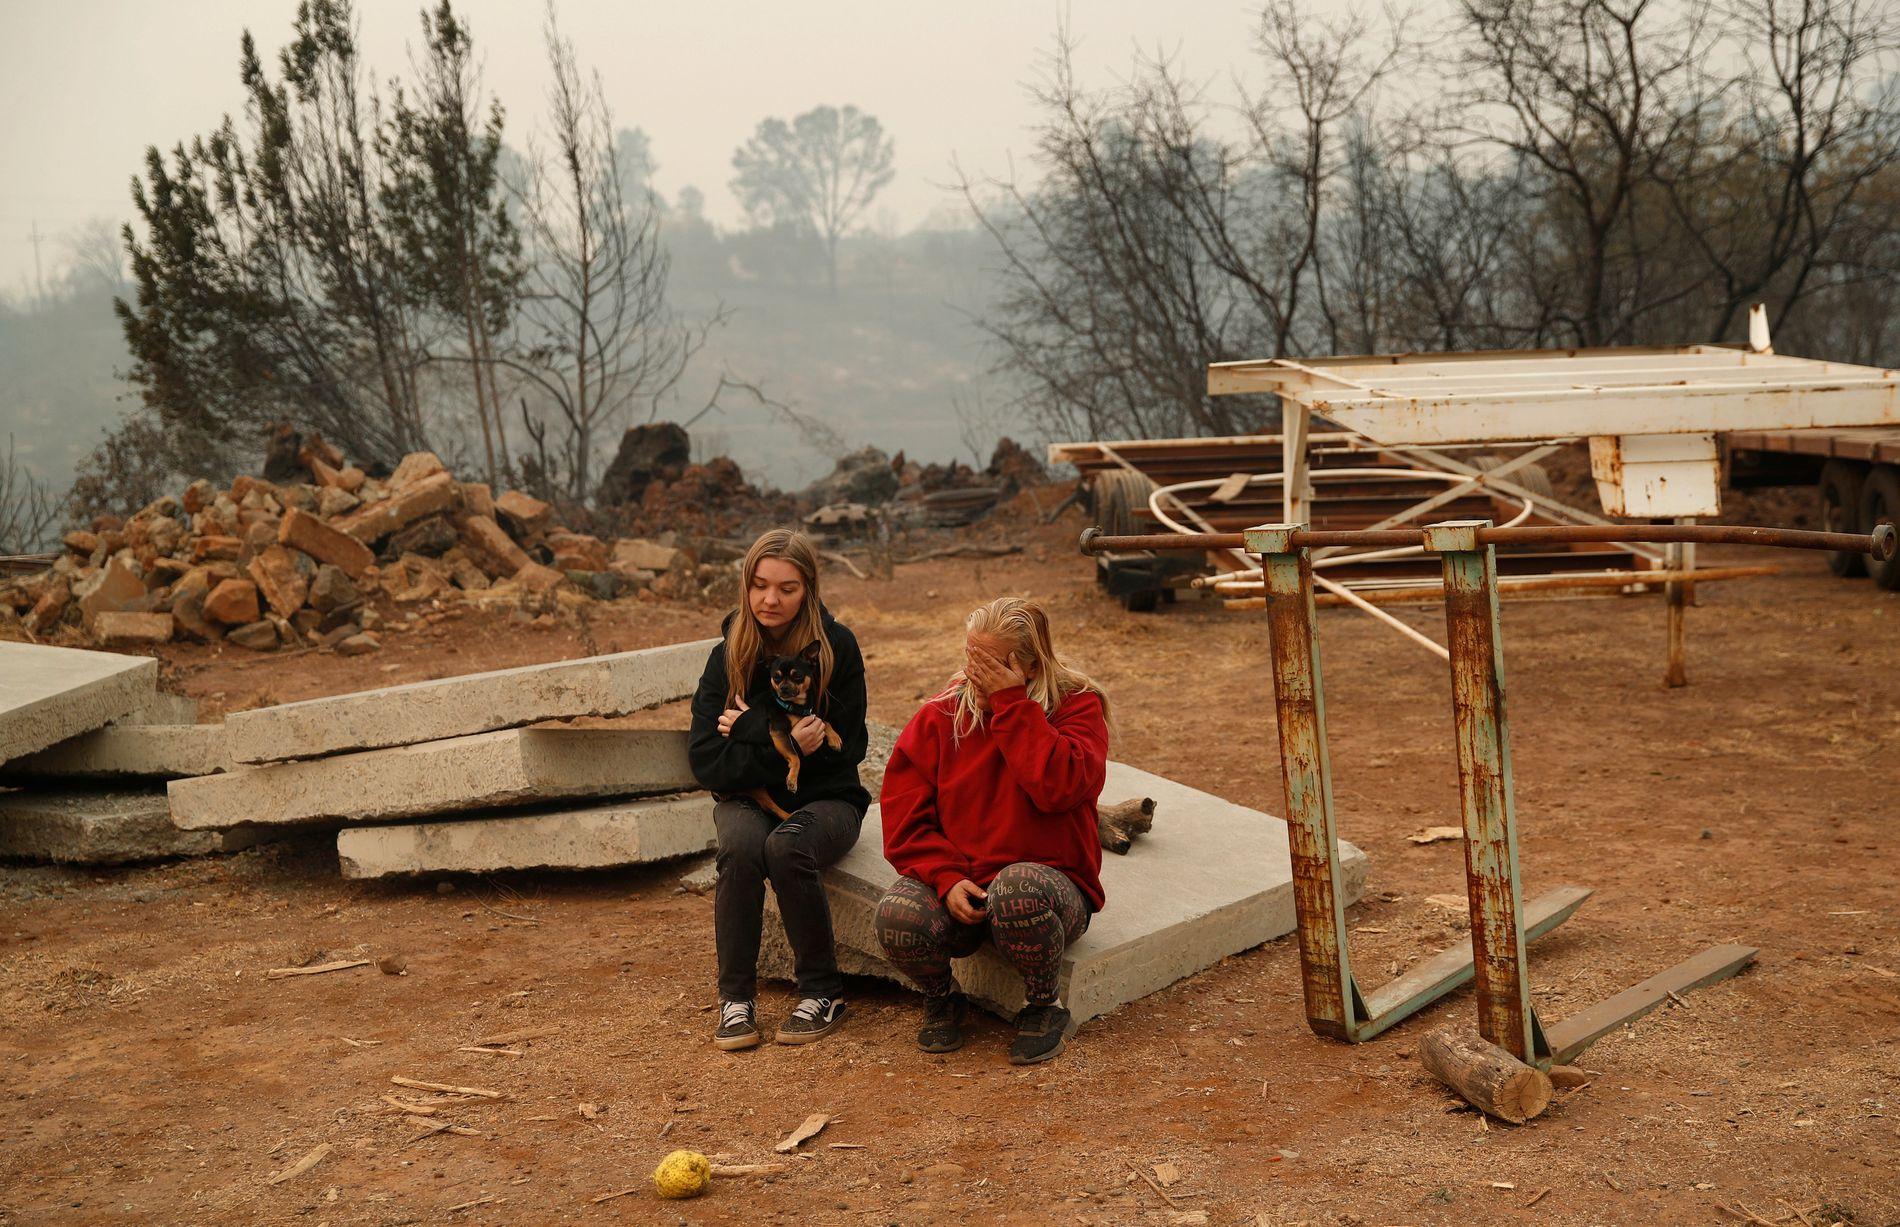 BRENT TIL GRUNNEN: Huset til Krystin Harvey og familien i Paradise i California ble slukt av flammene i november. Her på eiendommen sammen med datteren Araya.